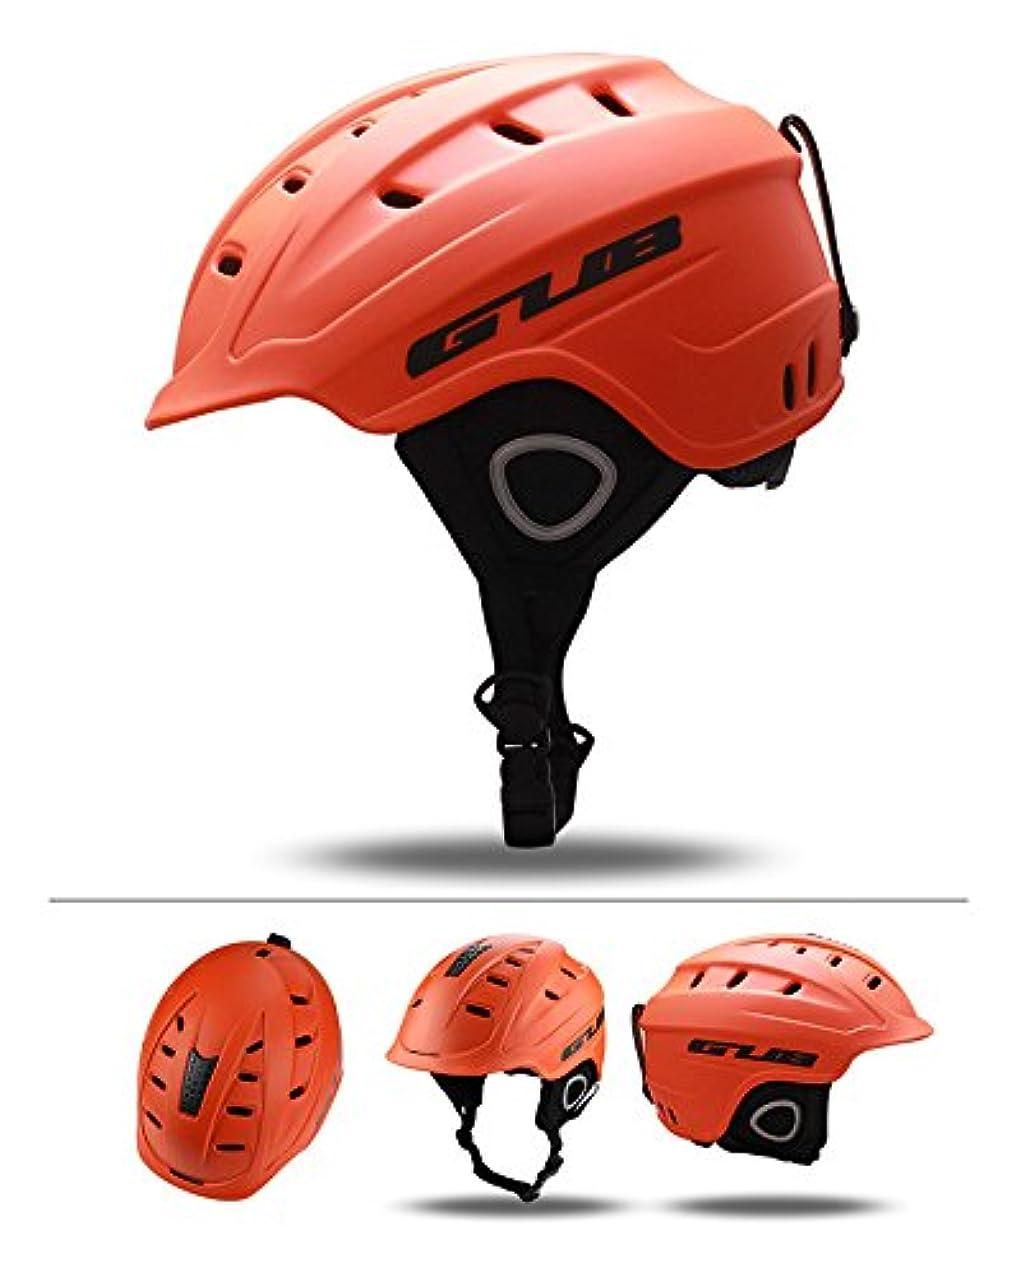 不屈科学者突き出す2018 GUB 616 Professional Adult Ski Helmet Man Women Skating Skateboard Snowboard Snow Sports Helmets